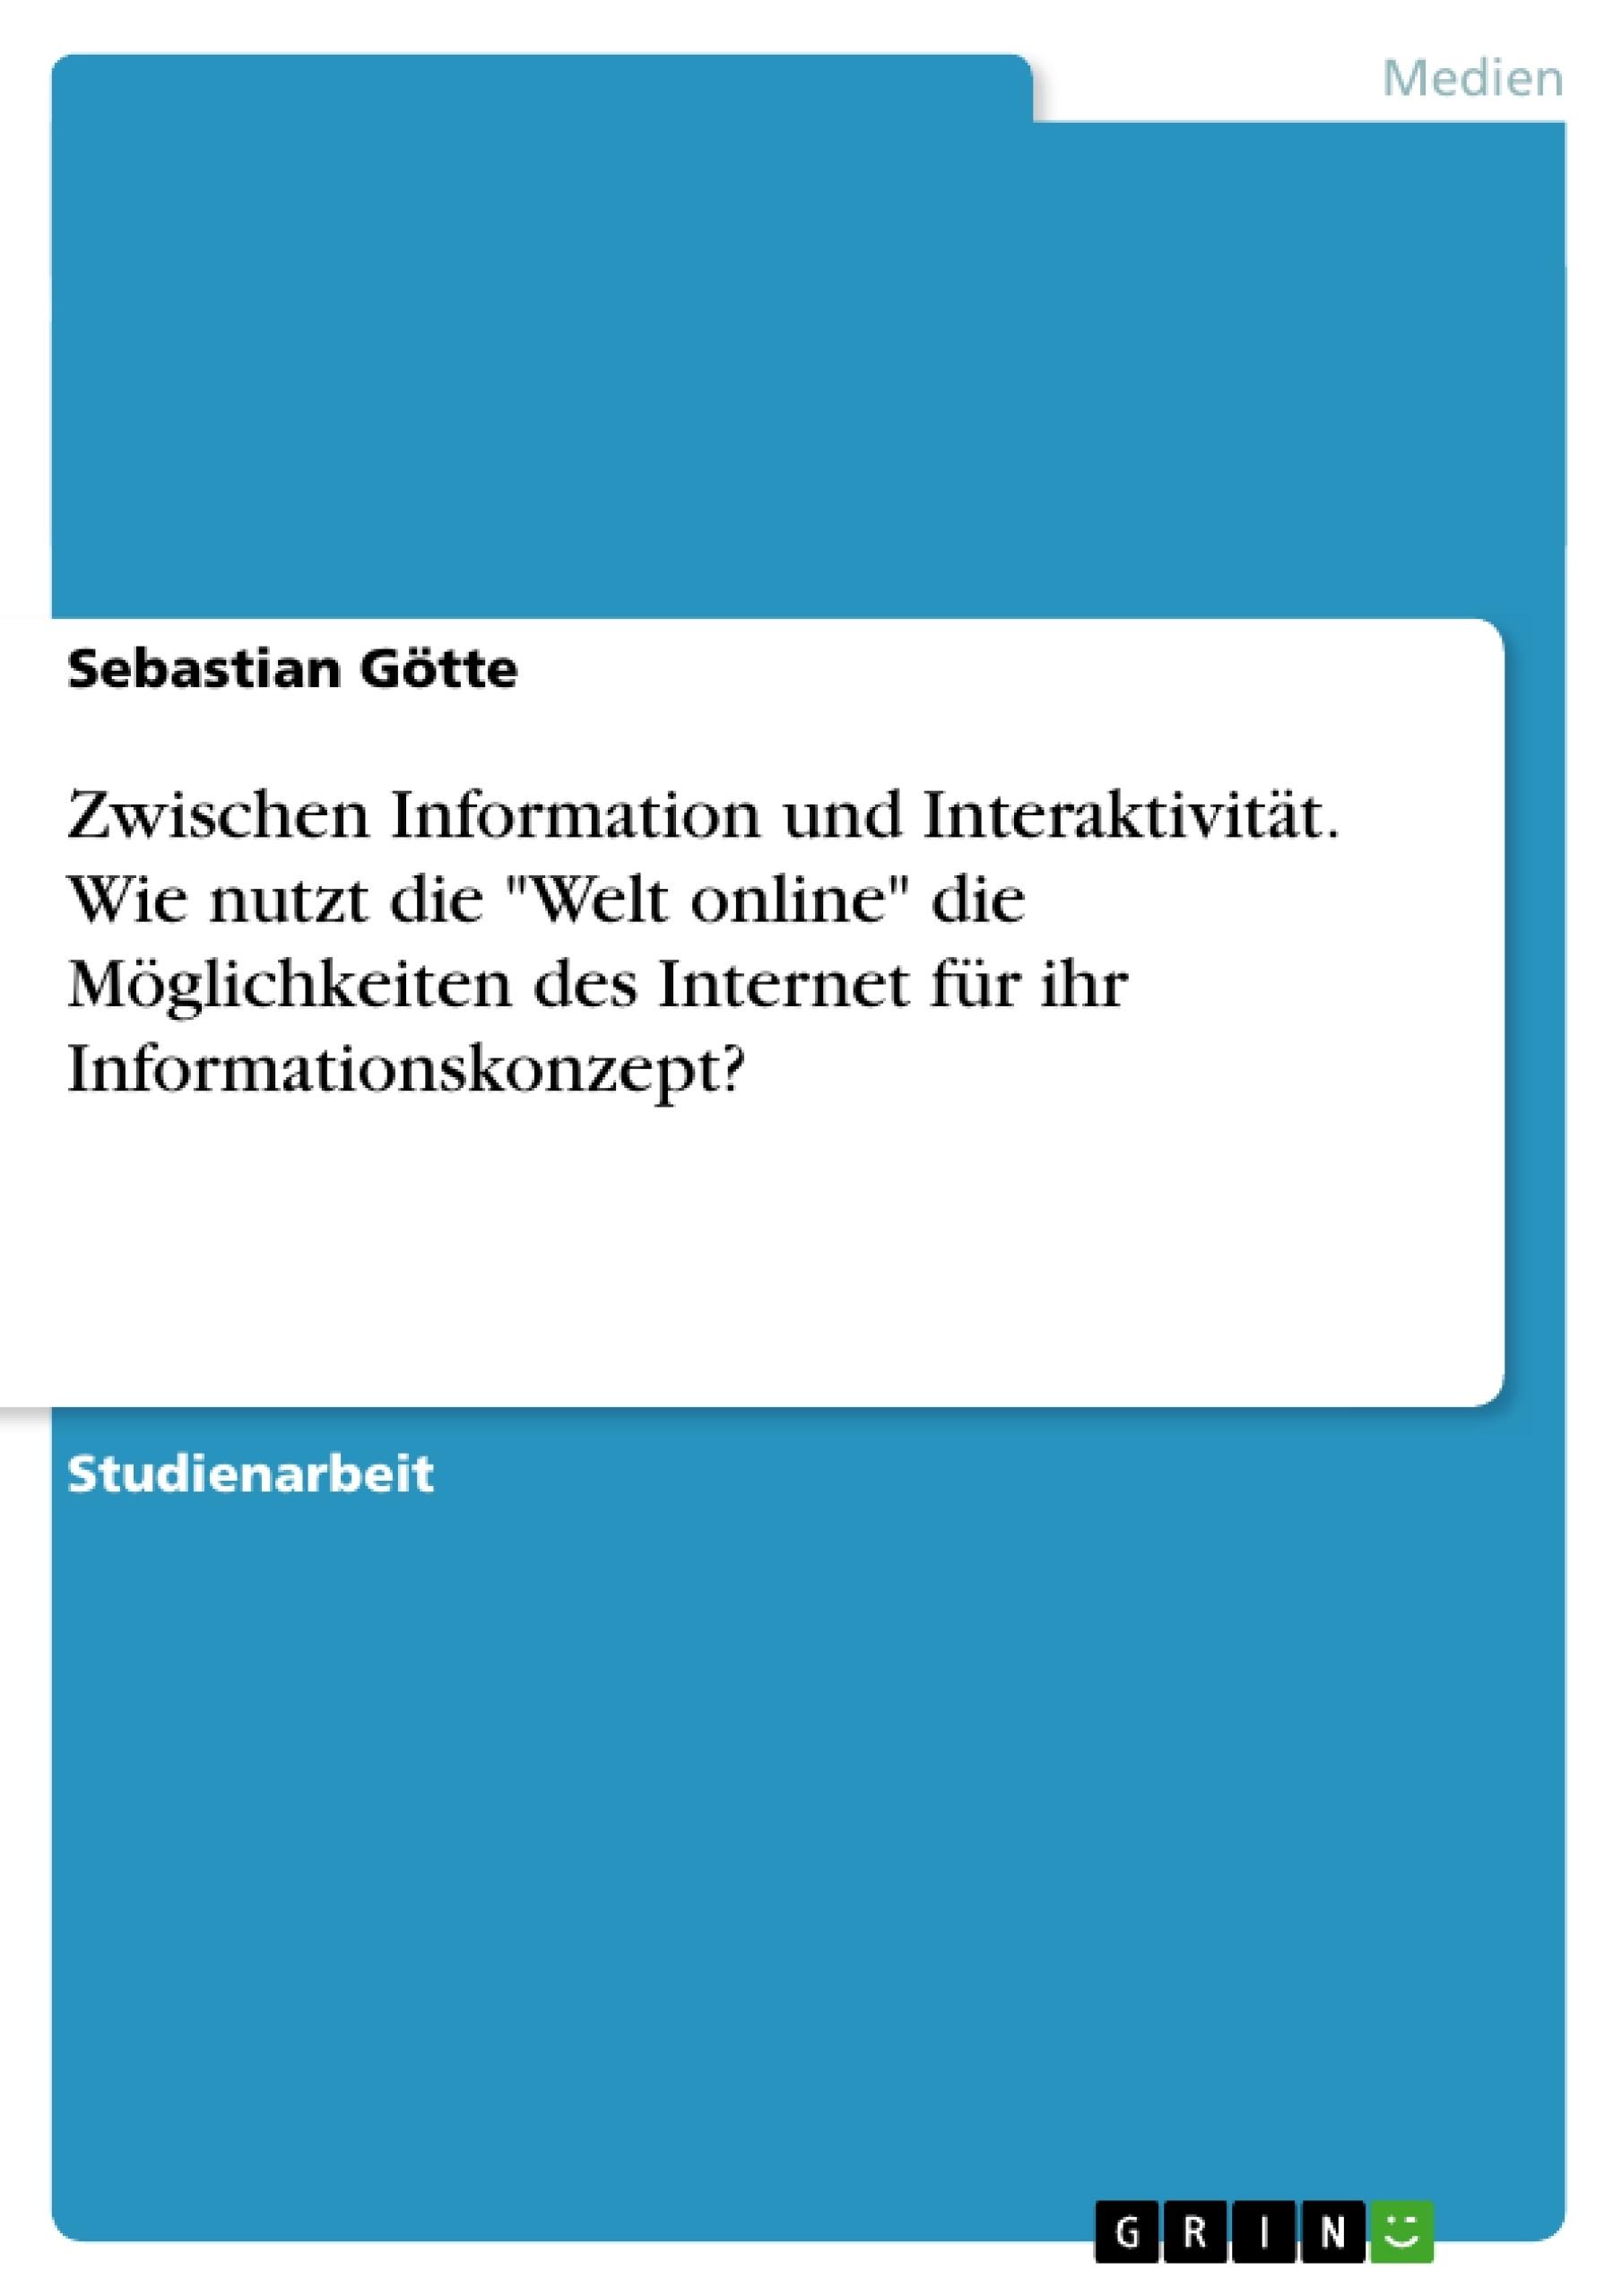 """Titel: Zwischen Information und Interaktivität. Wie nutzt die """"Welt online"""" die Möglichkeiten des Internet für ihr Informationskonzept?"""